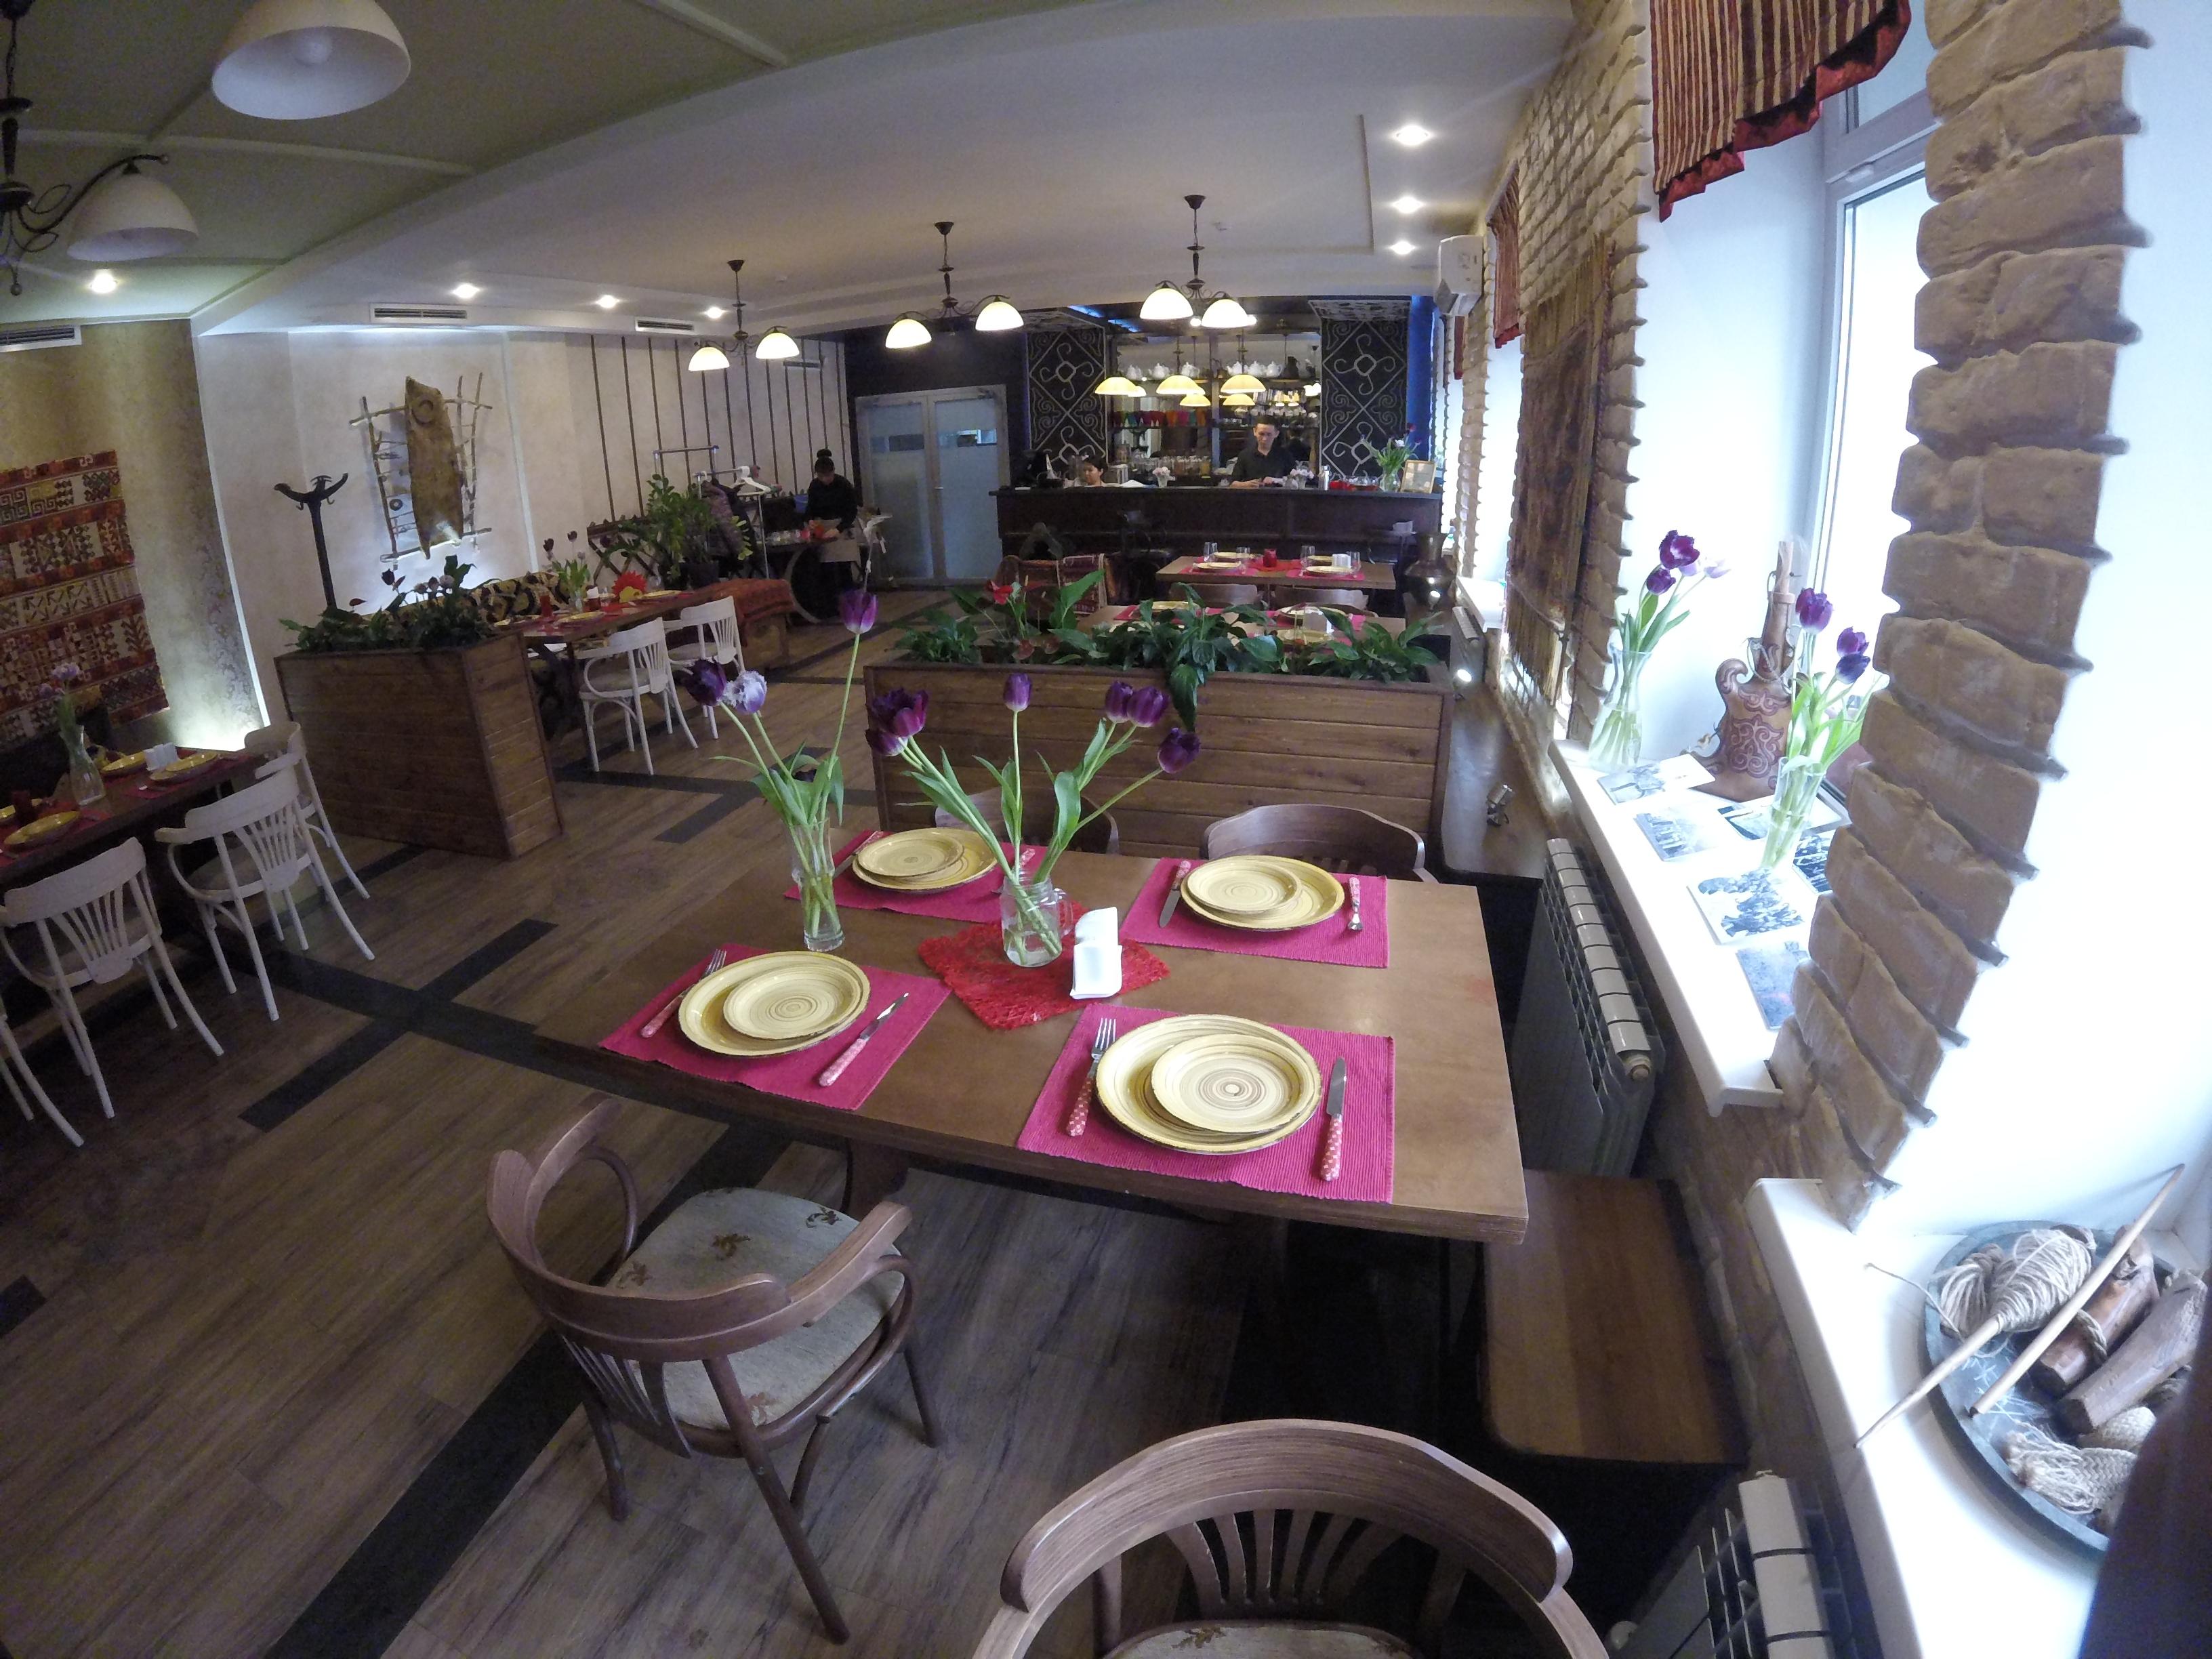 Ресторан казахской кухни Baursak city — без алкоголя.